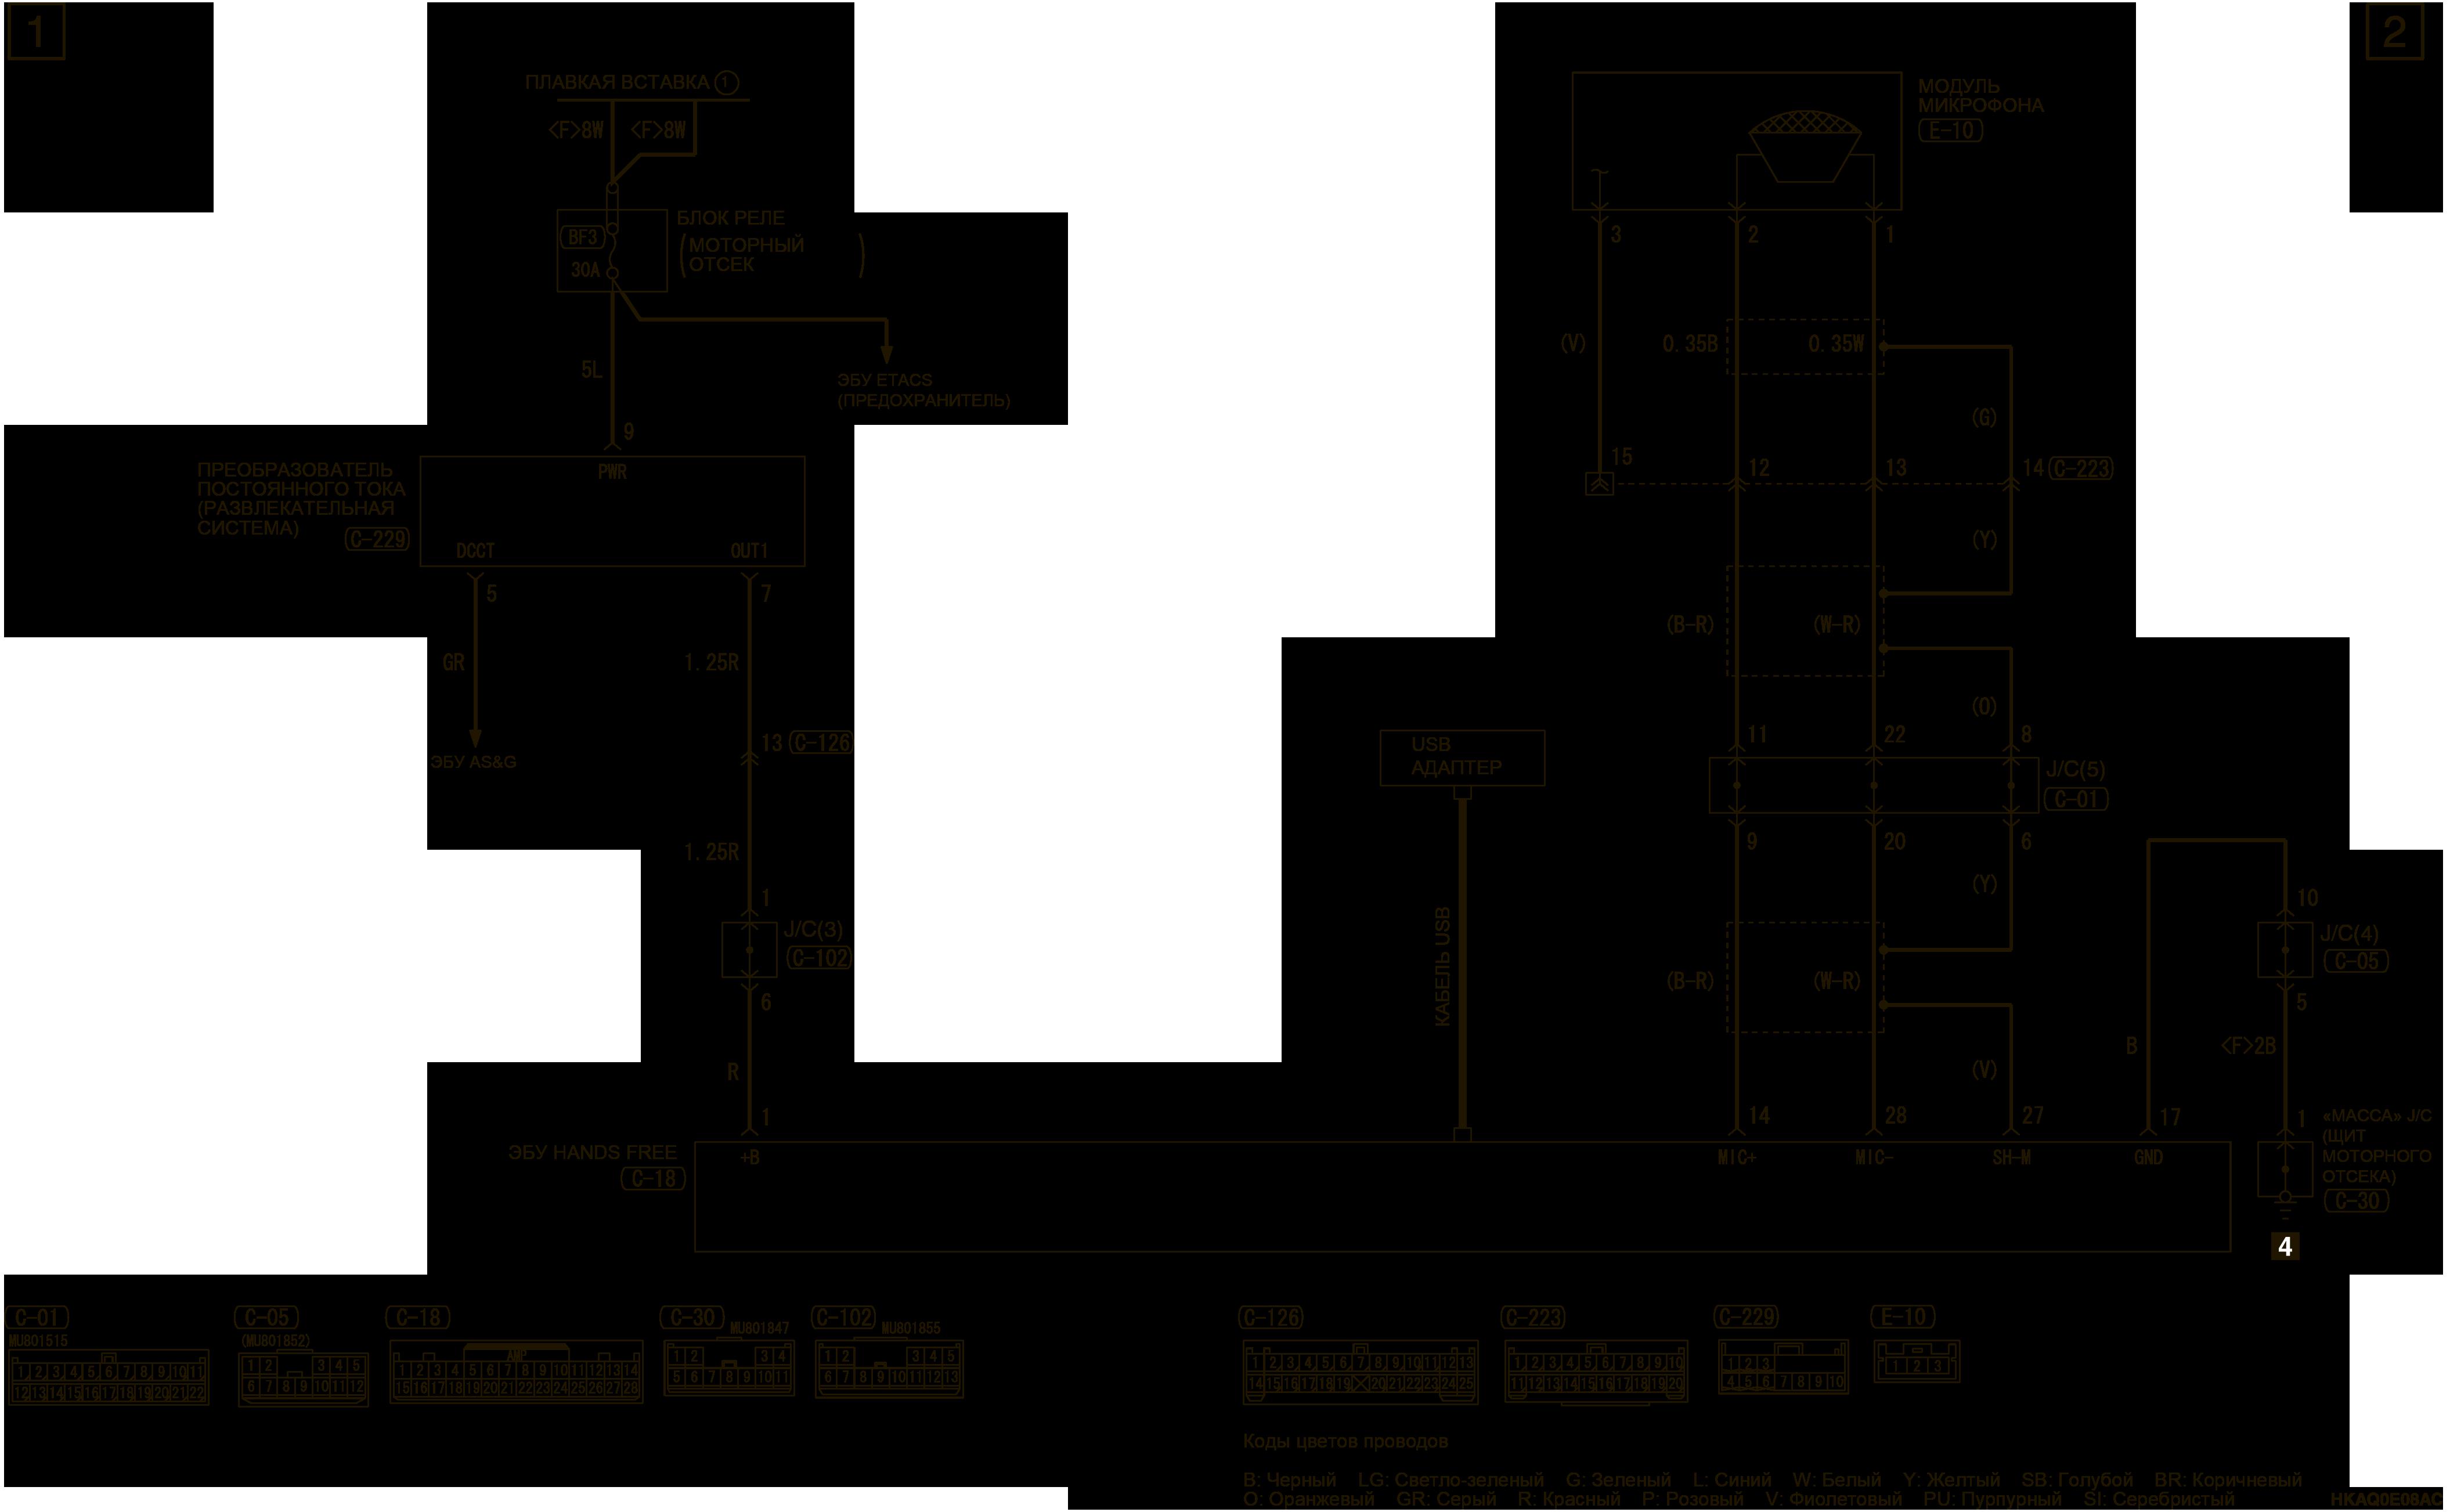 mmc аутлендер 3 2019 электросхемаСИСТЕМА ИНТЕРФЕЙСА HANDS-FREE АВТОМОБИЛИ С СИСТЕМОЙ MMCS (ЛЕВОСТОРОННЕЕ УПРАВЛЕНИЕ)